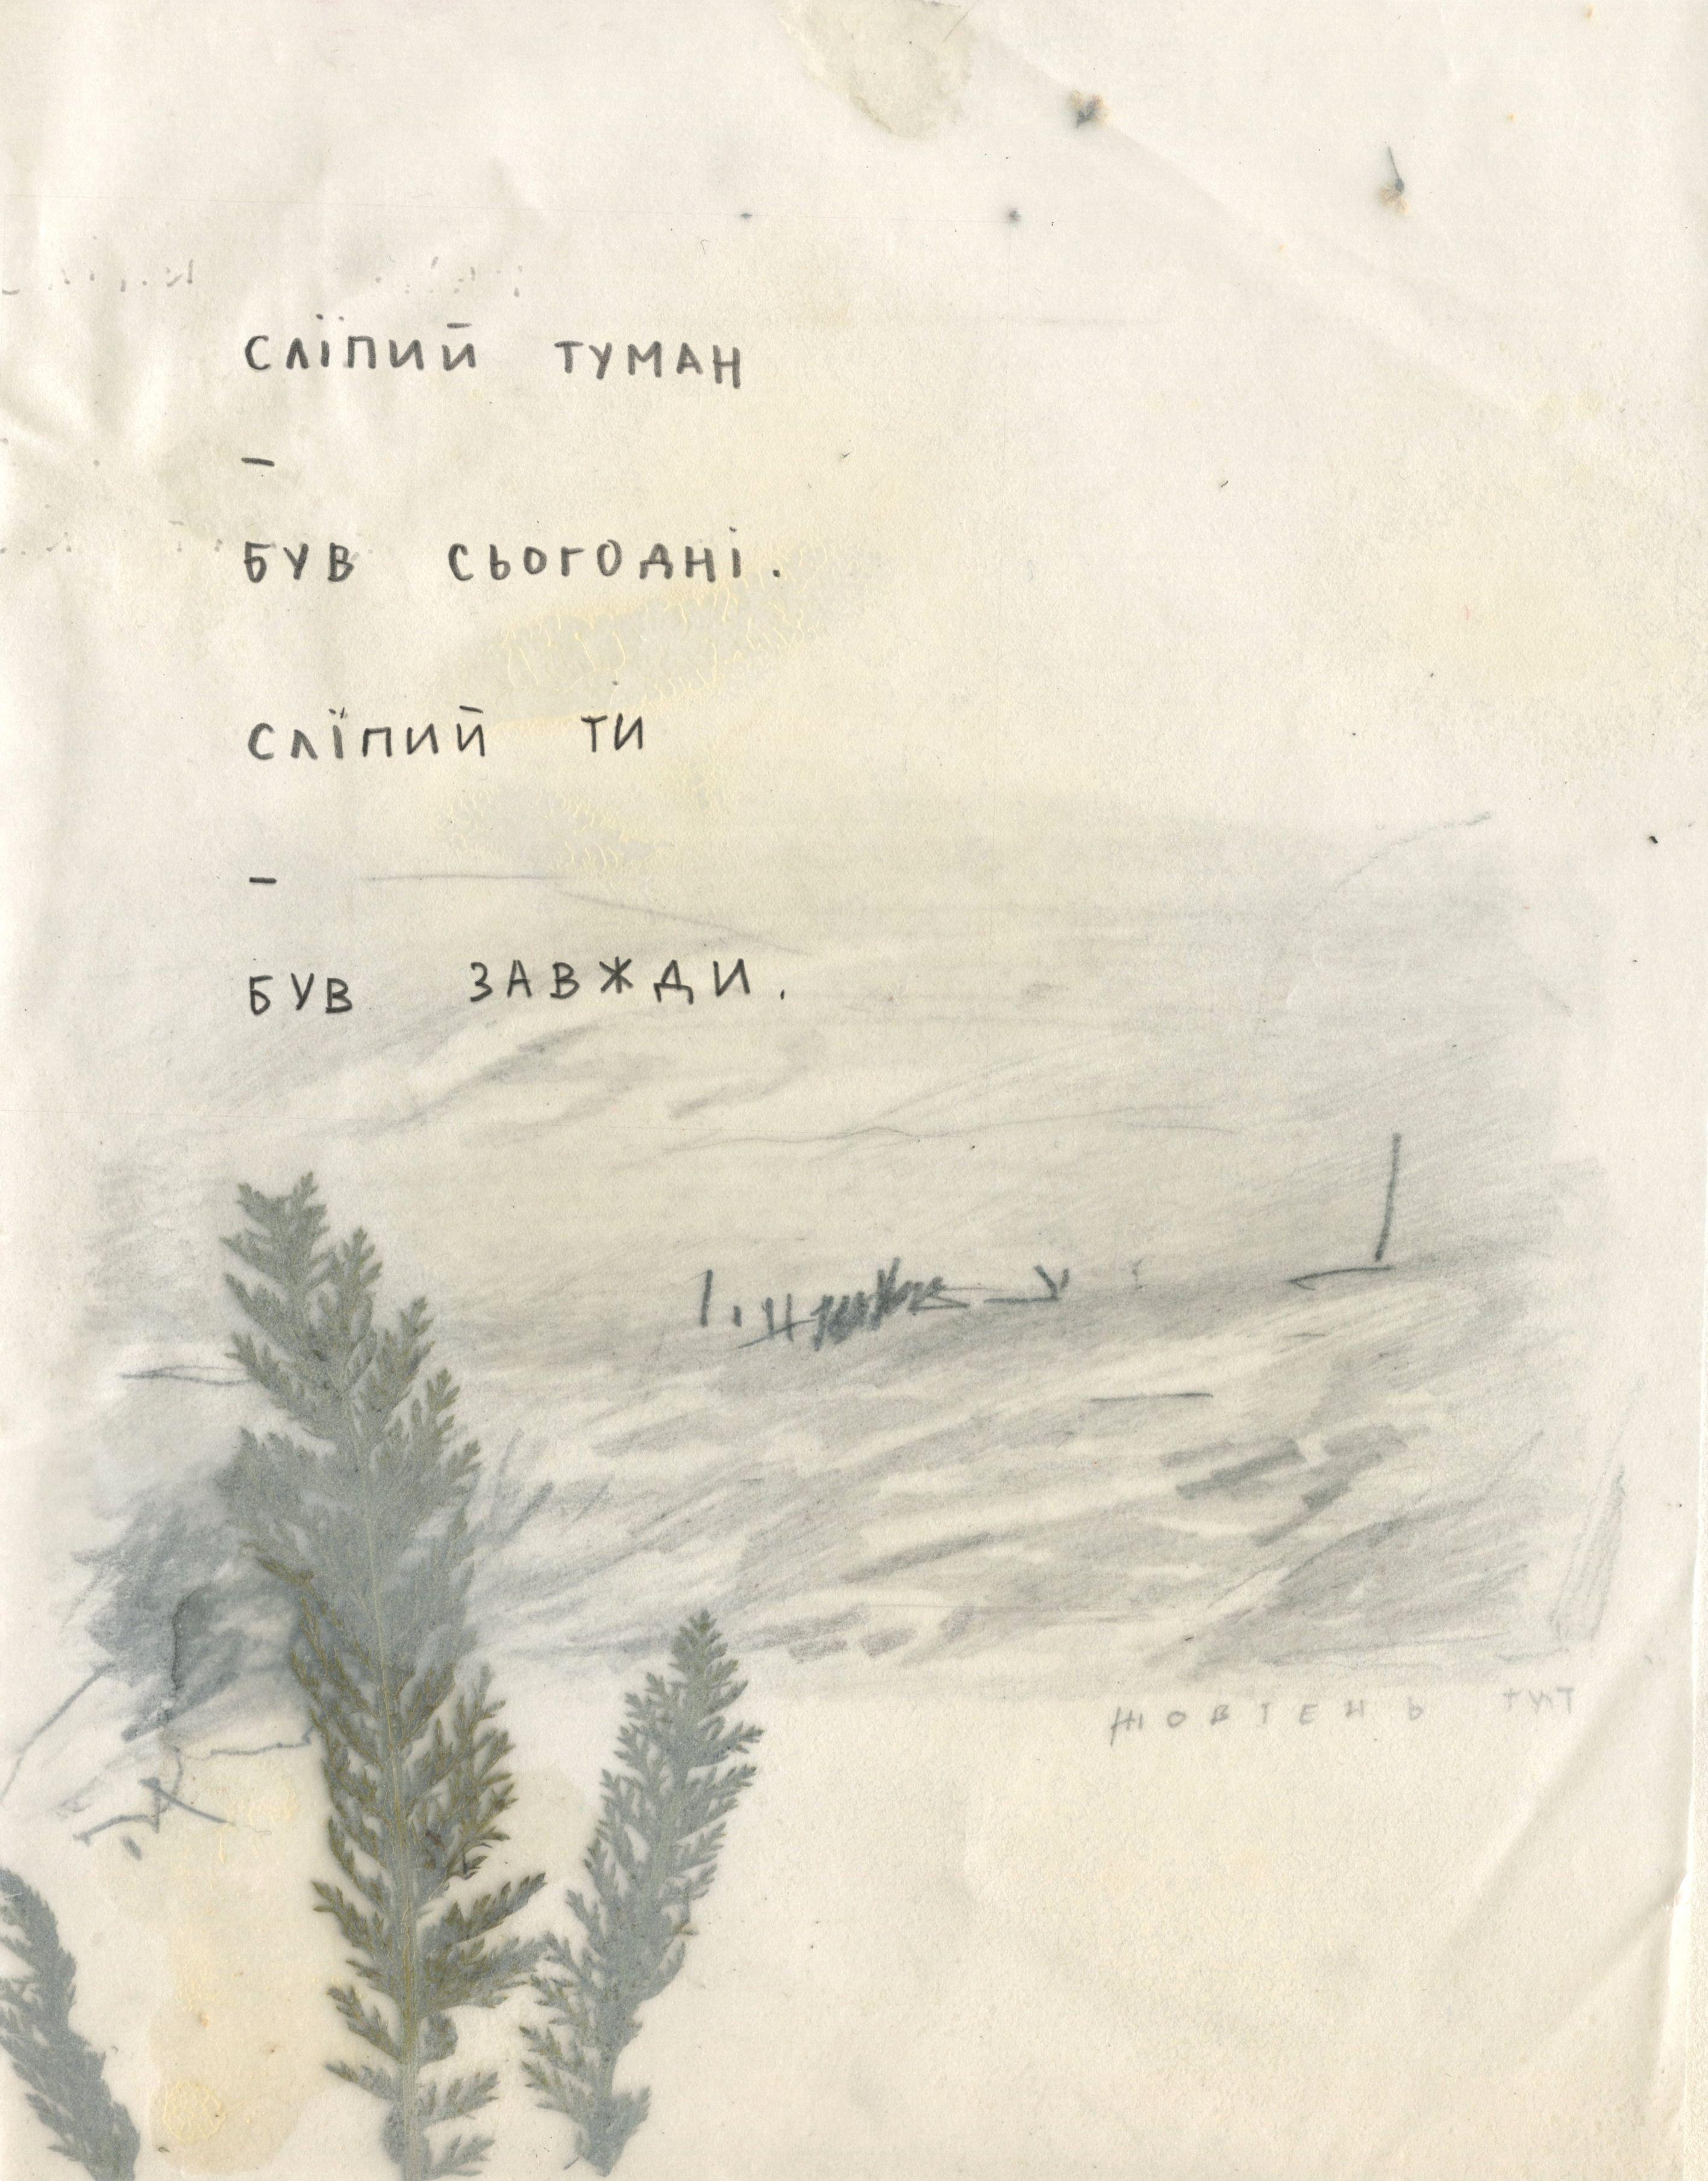 Євгенія Любчик. Сліпий туман, 2019; рисунок, колаж, 14х18